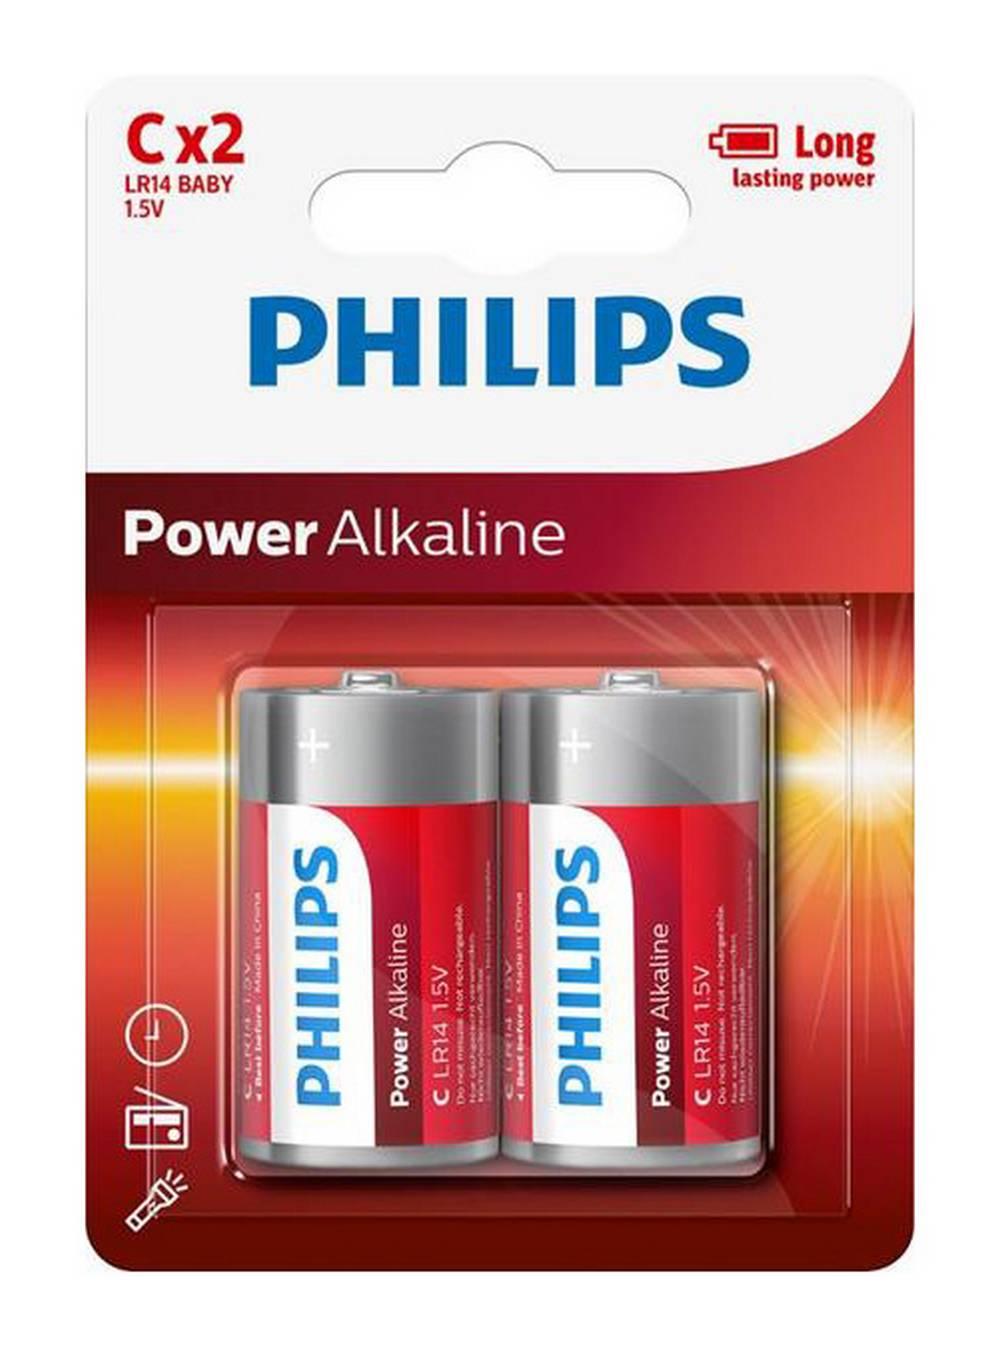 Μπαταρία Power Alkaline Philips LR14 size C 1.5 V Τεμ. 2